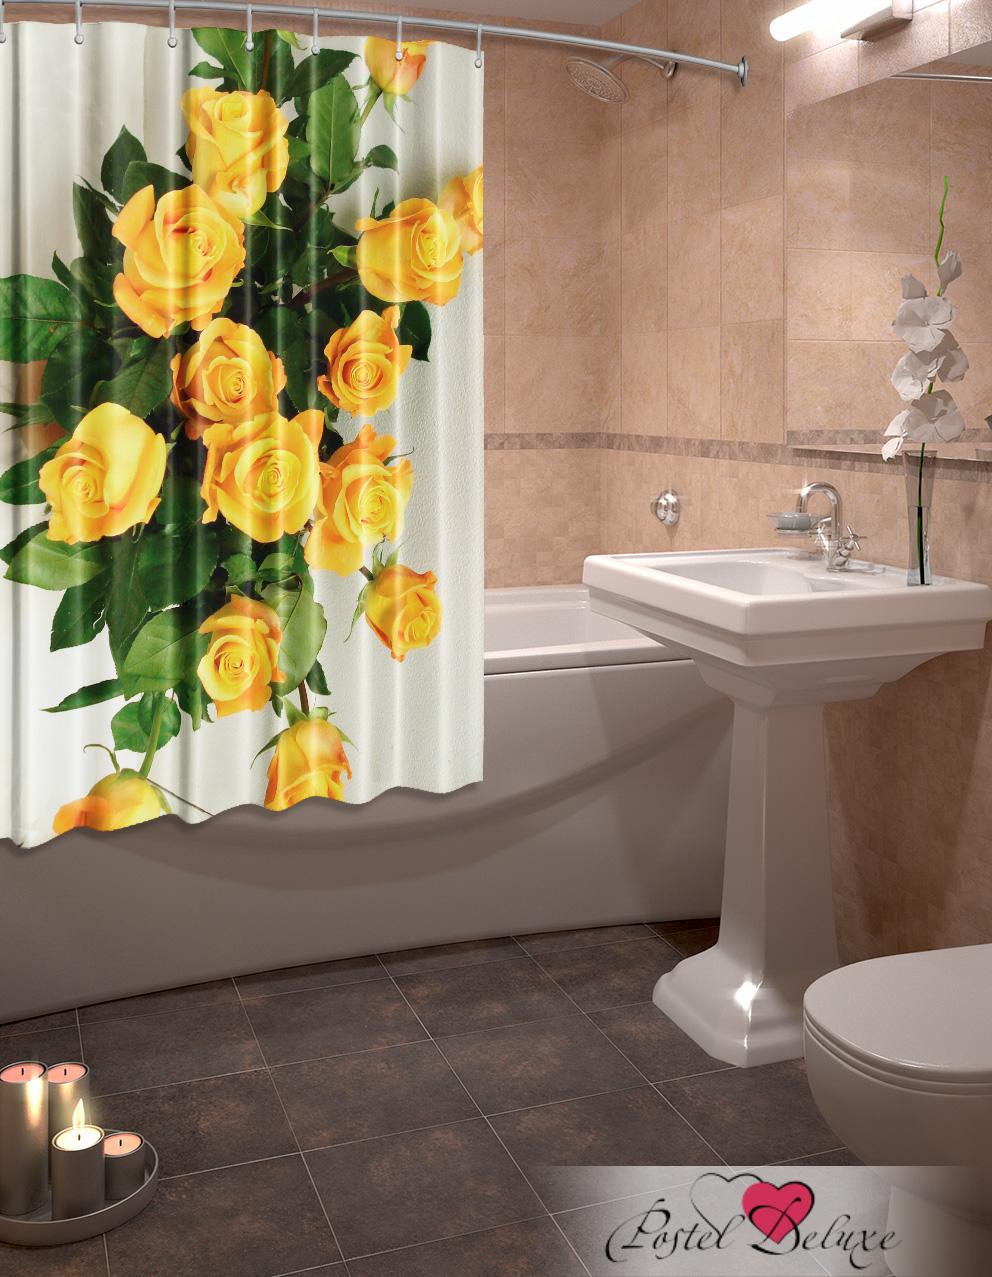 Купить Шторы и карнизы Elegante, Фотошторы для ванной Признание, Китай, Желтый, Оксфорд